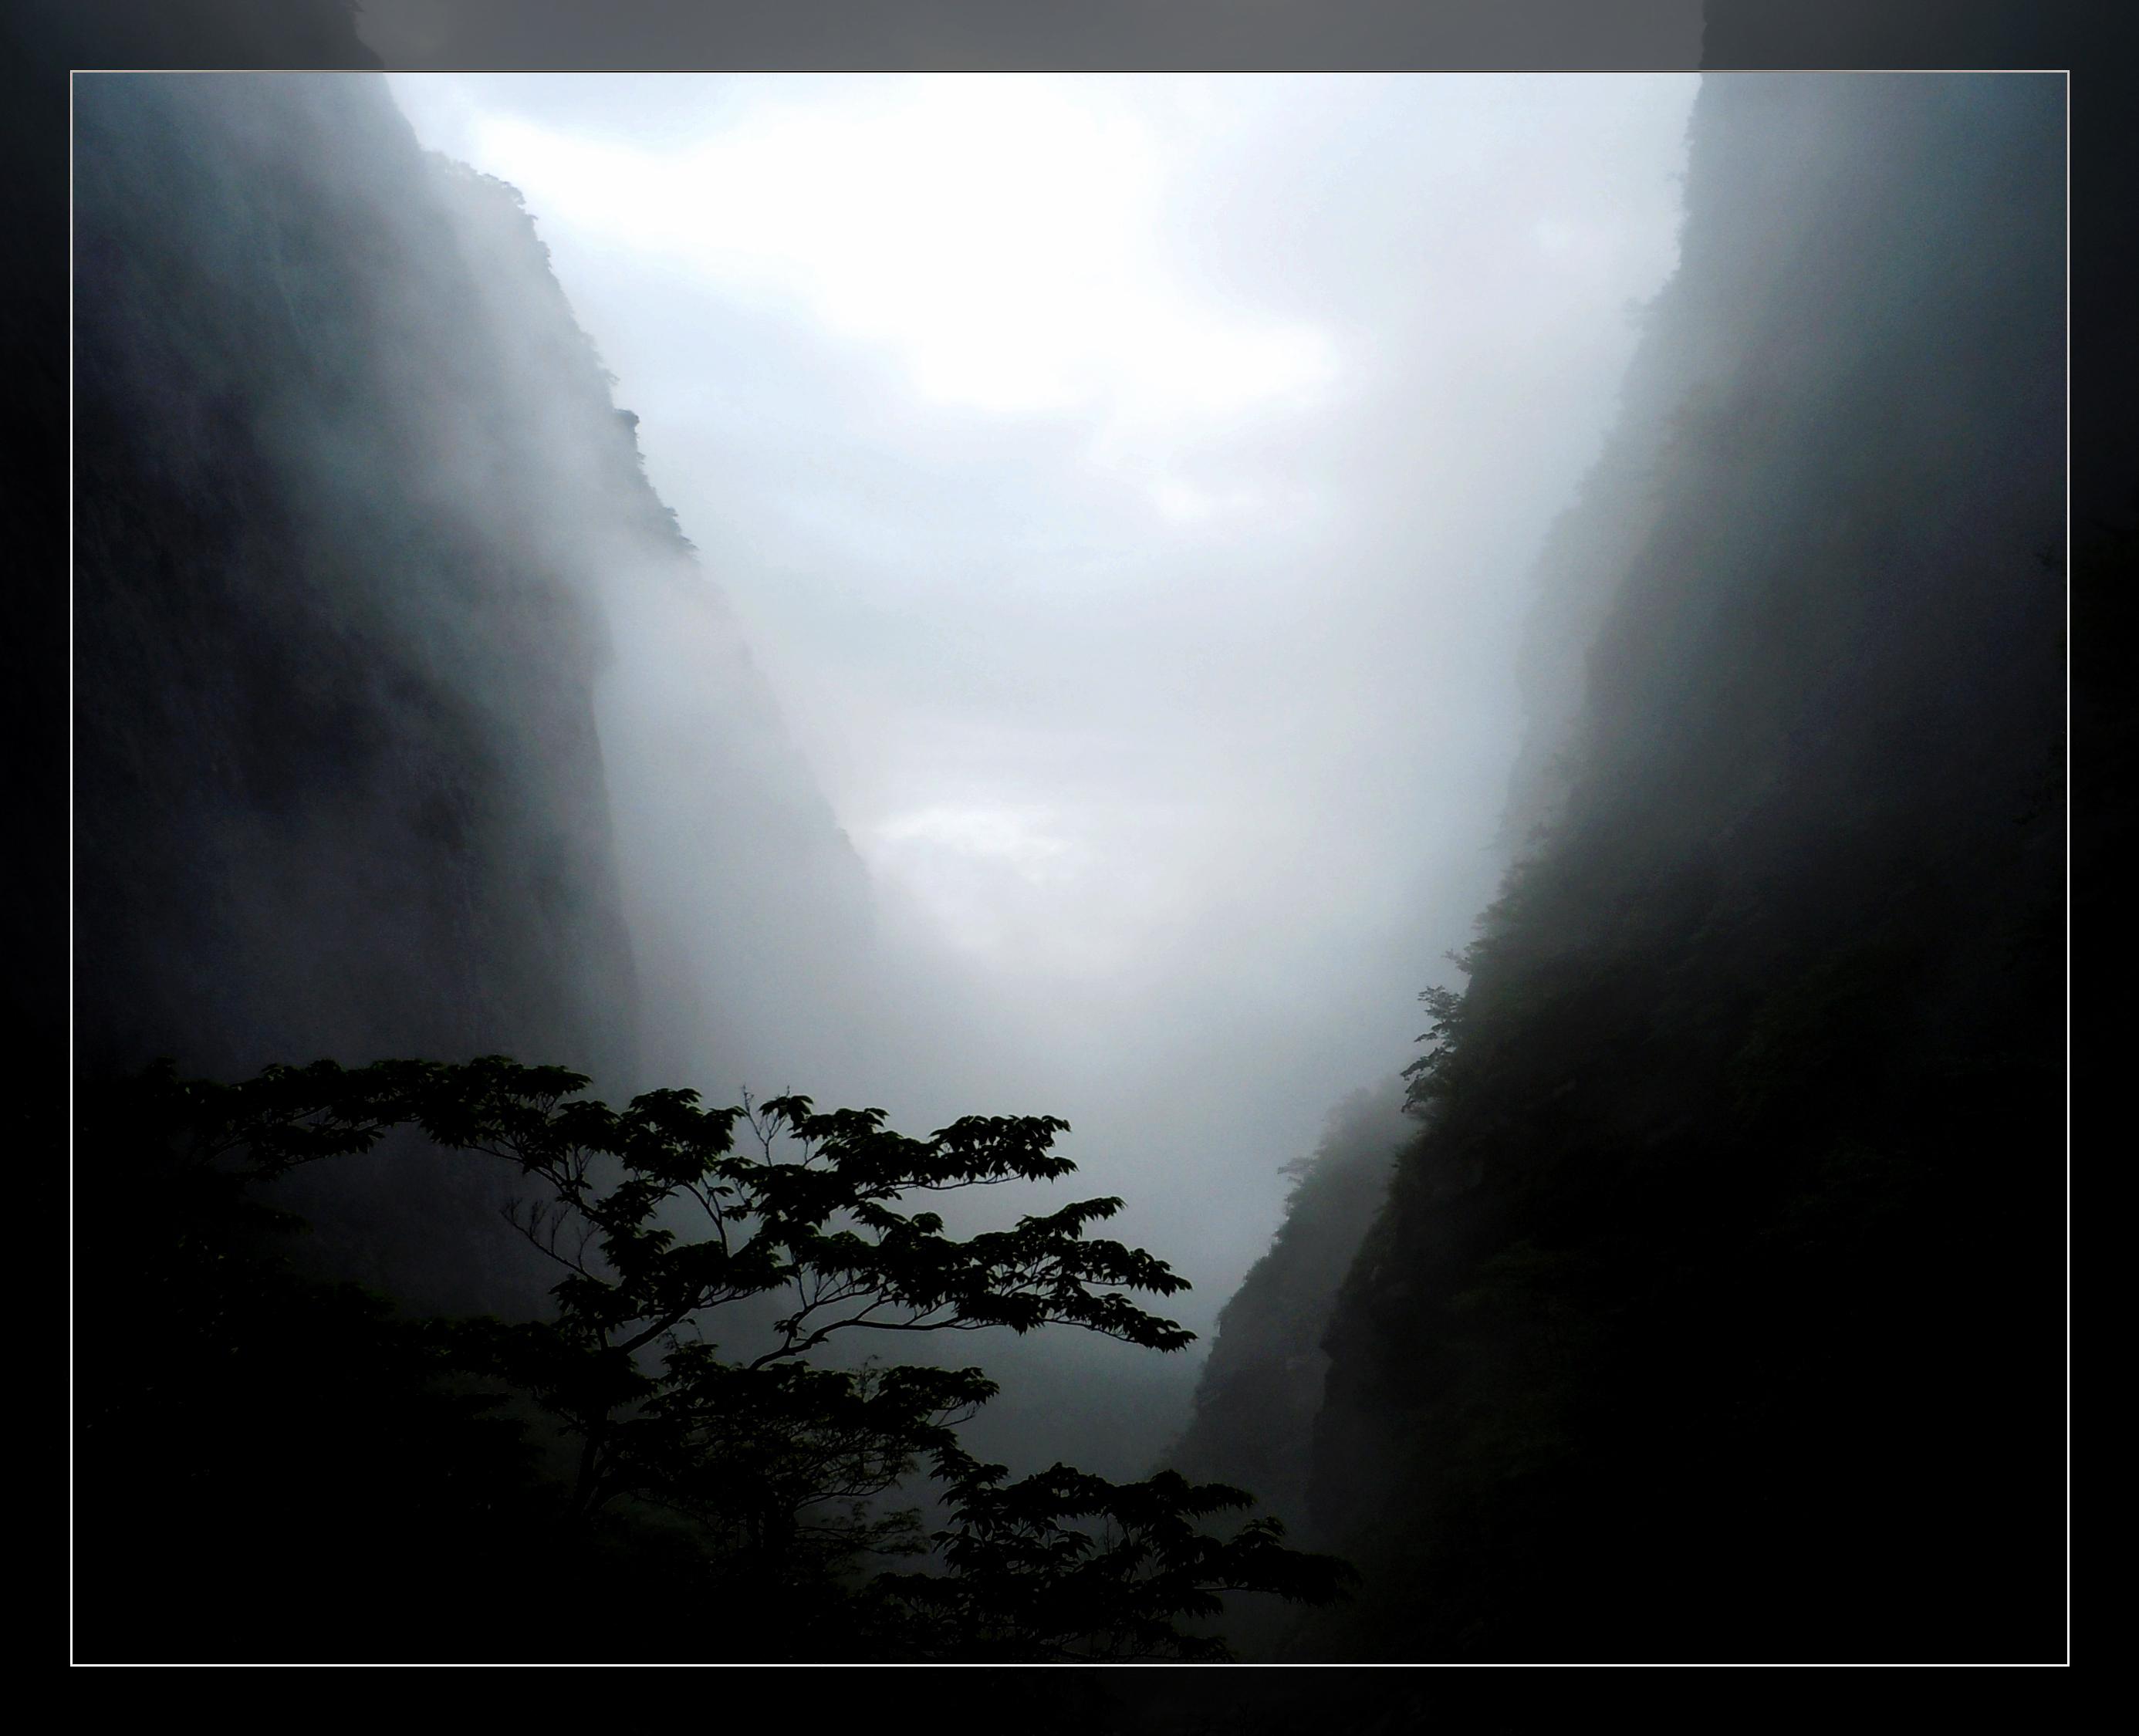 庐山云雾随拍